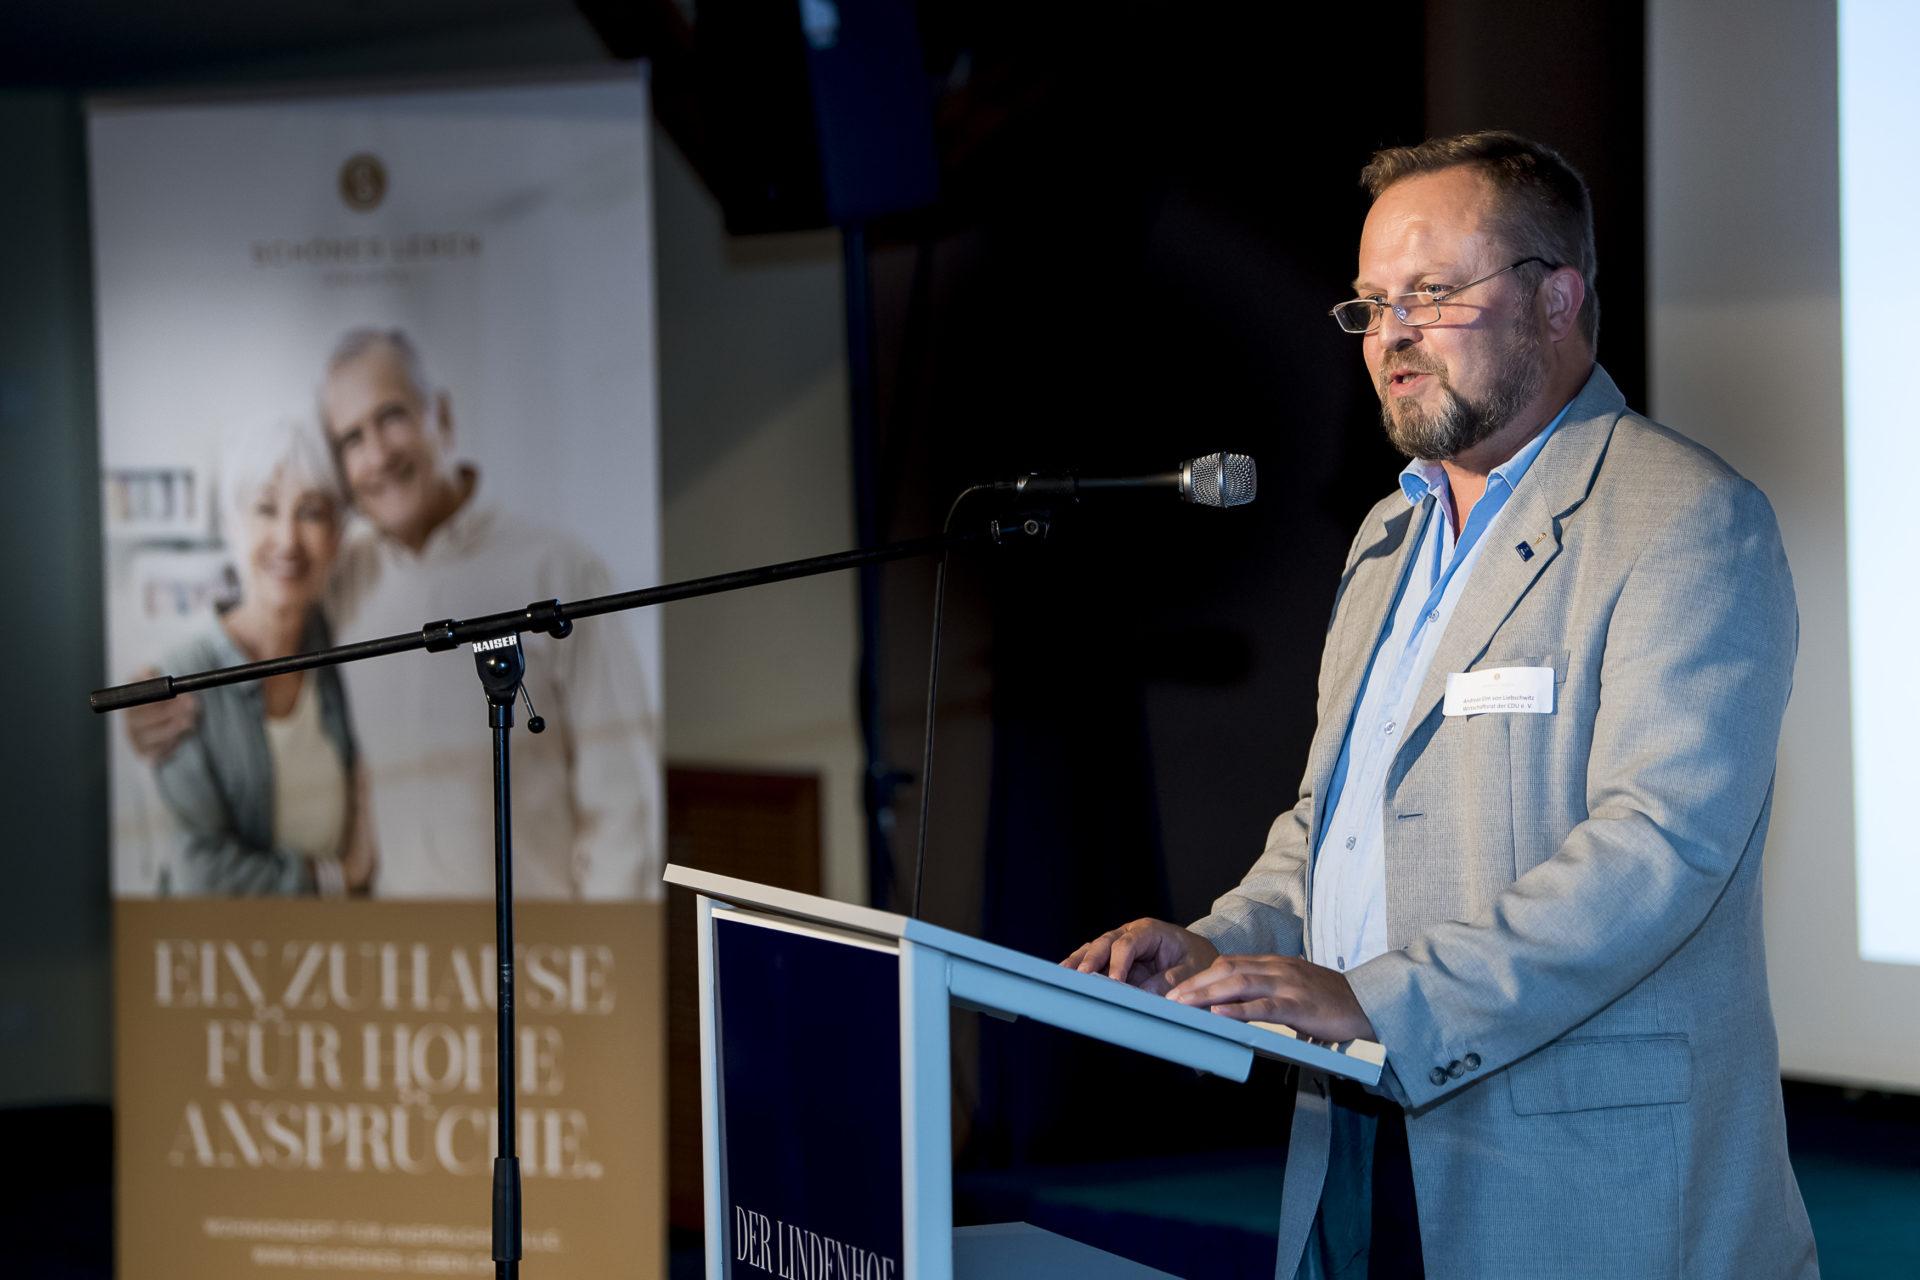 Andreas Elm von Liebschwitz, Landesgeschäftsführer des Wirtschaftsrats der CDU e. V., in Gotha